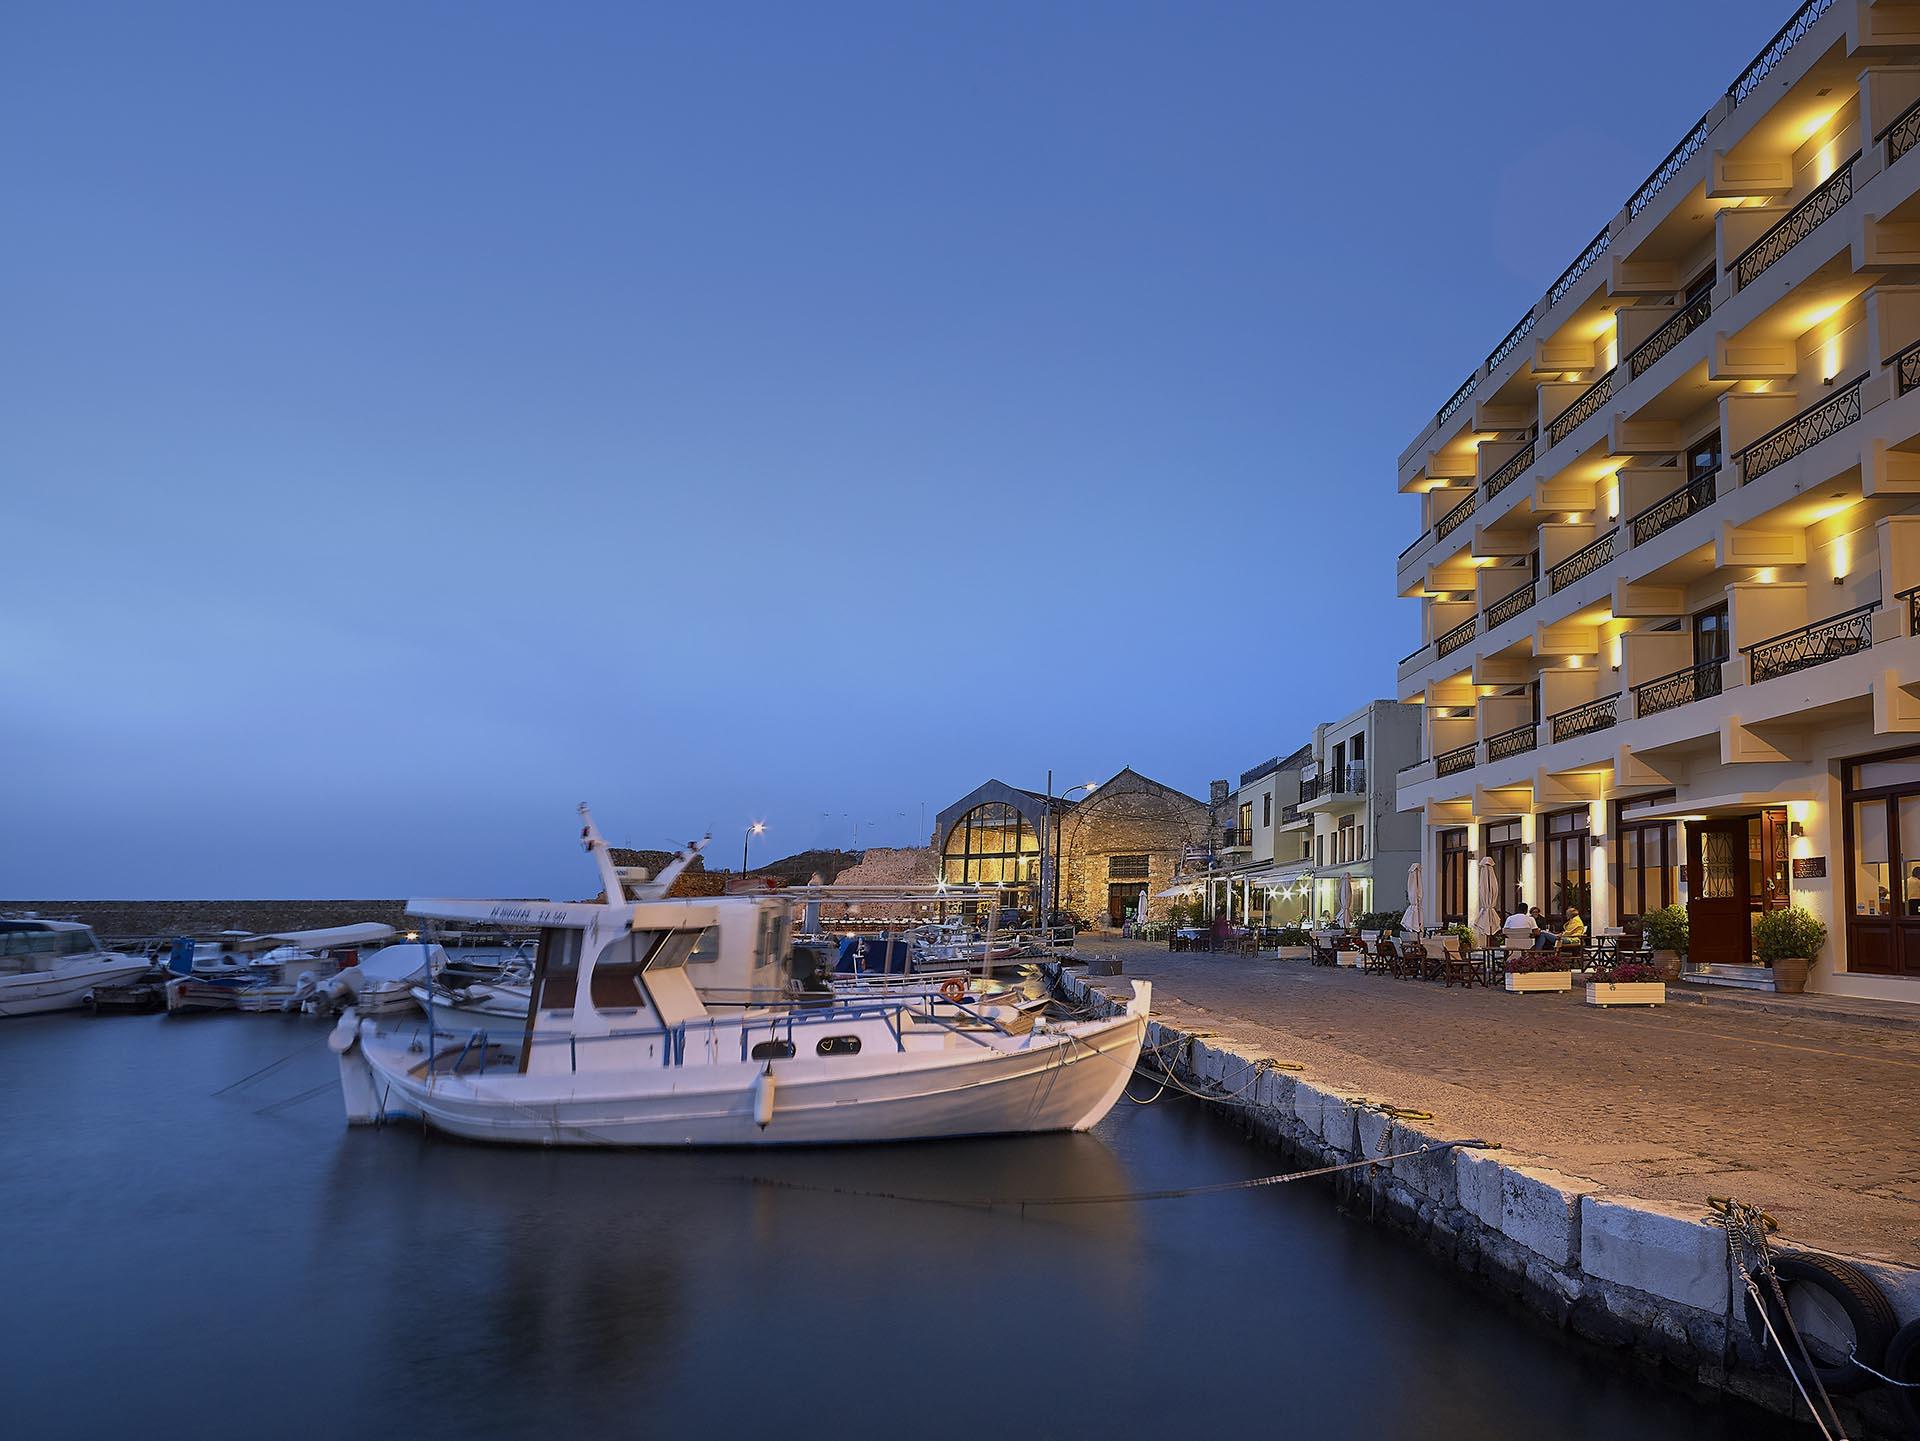 hotels chania crete - Porto Veneziano Hotel